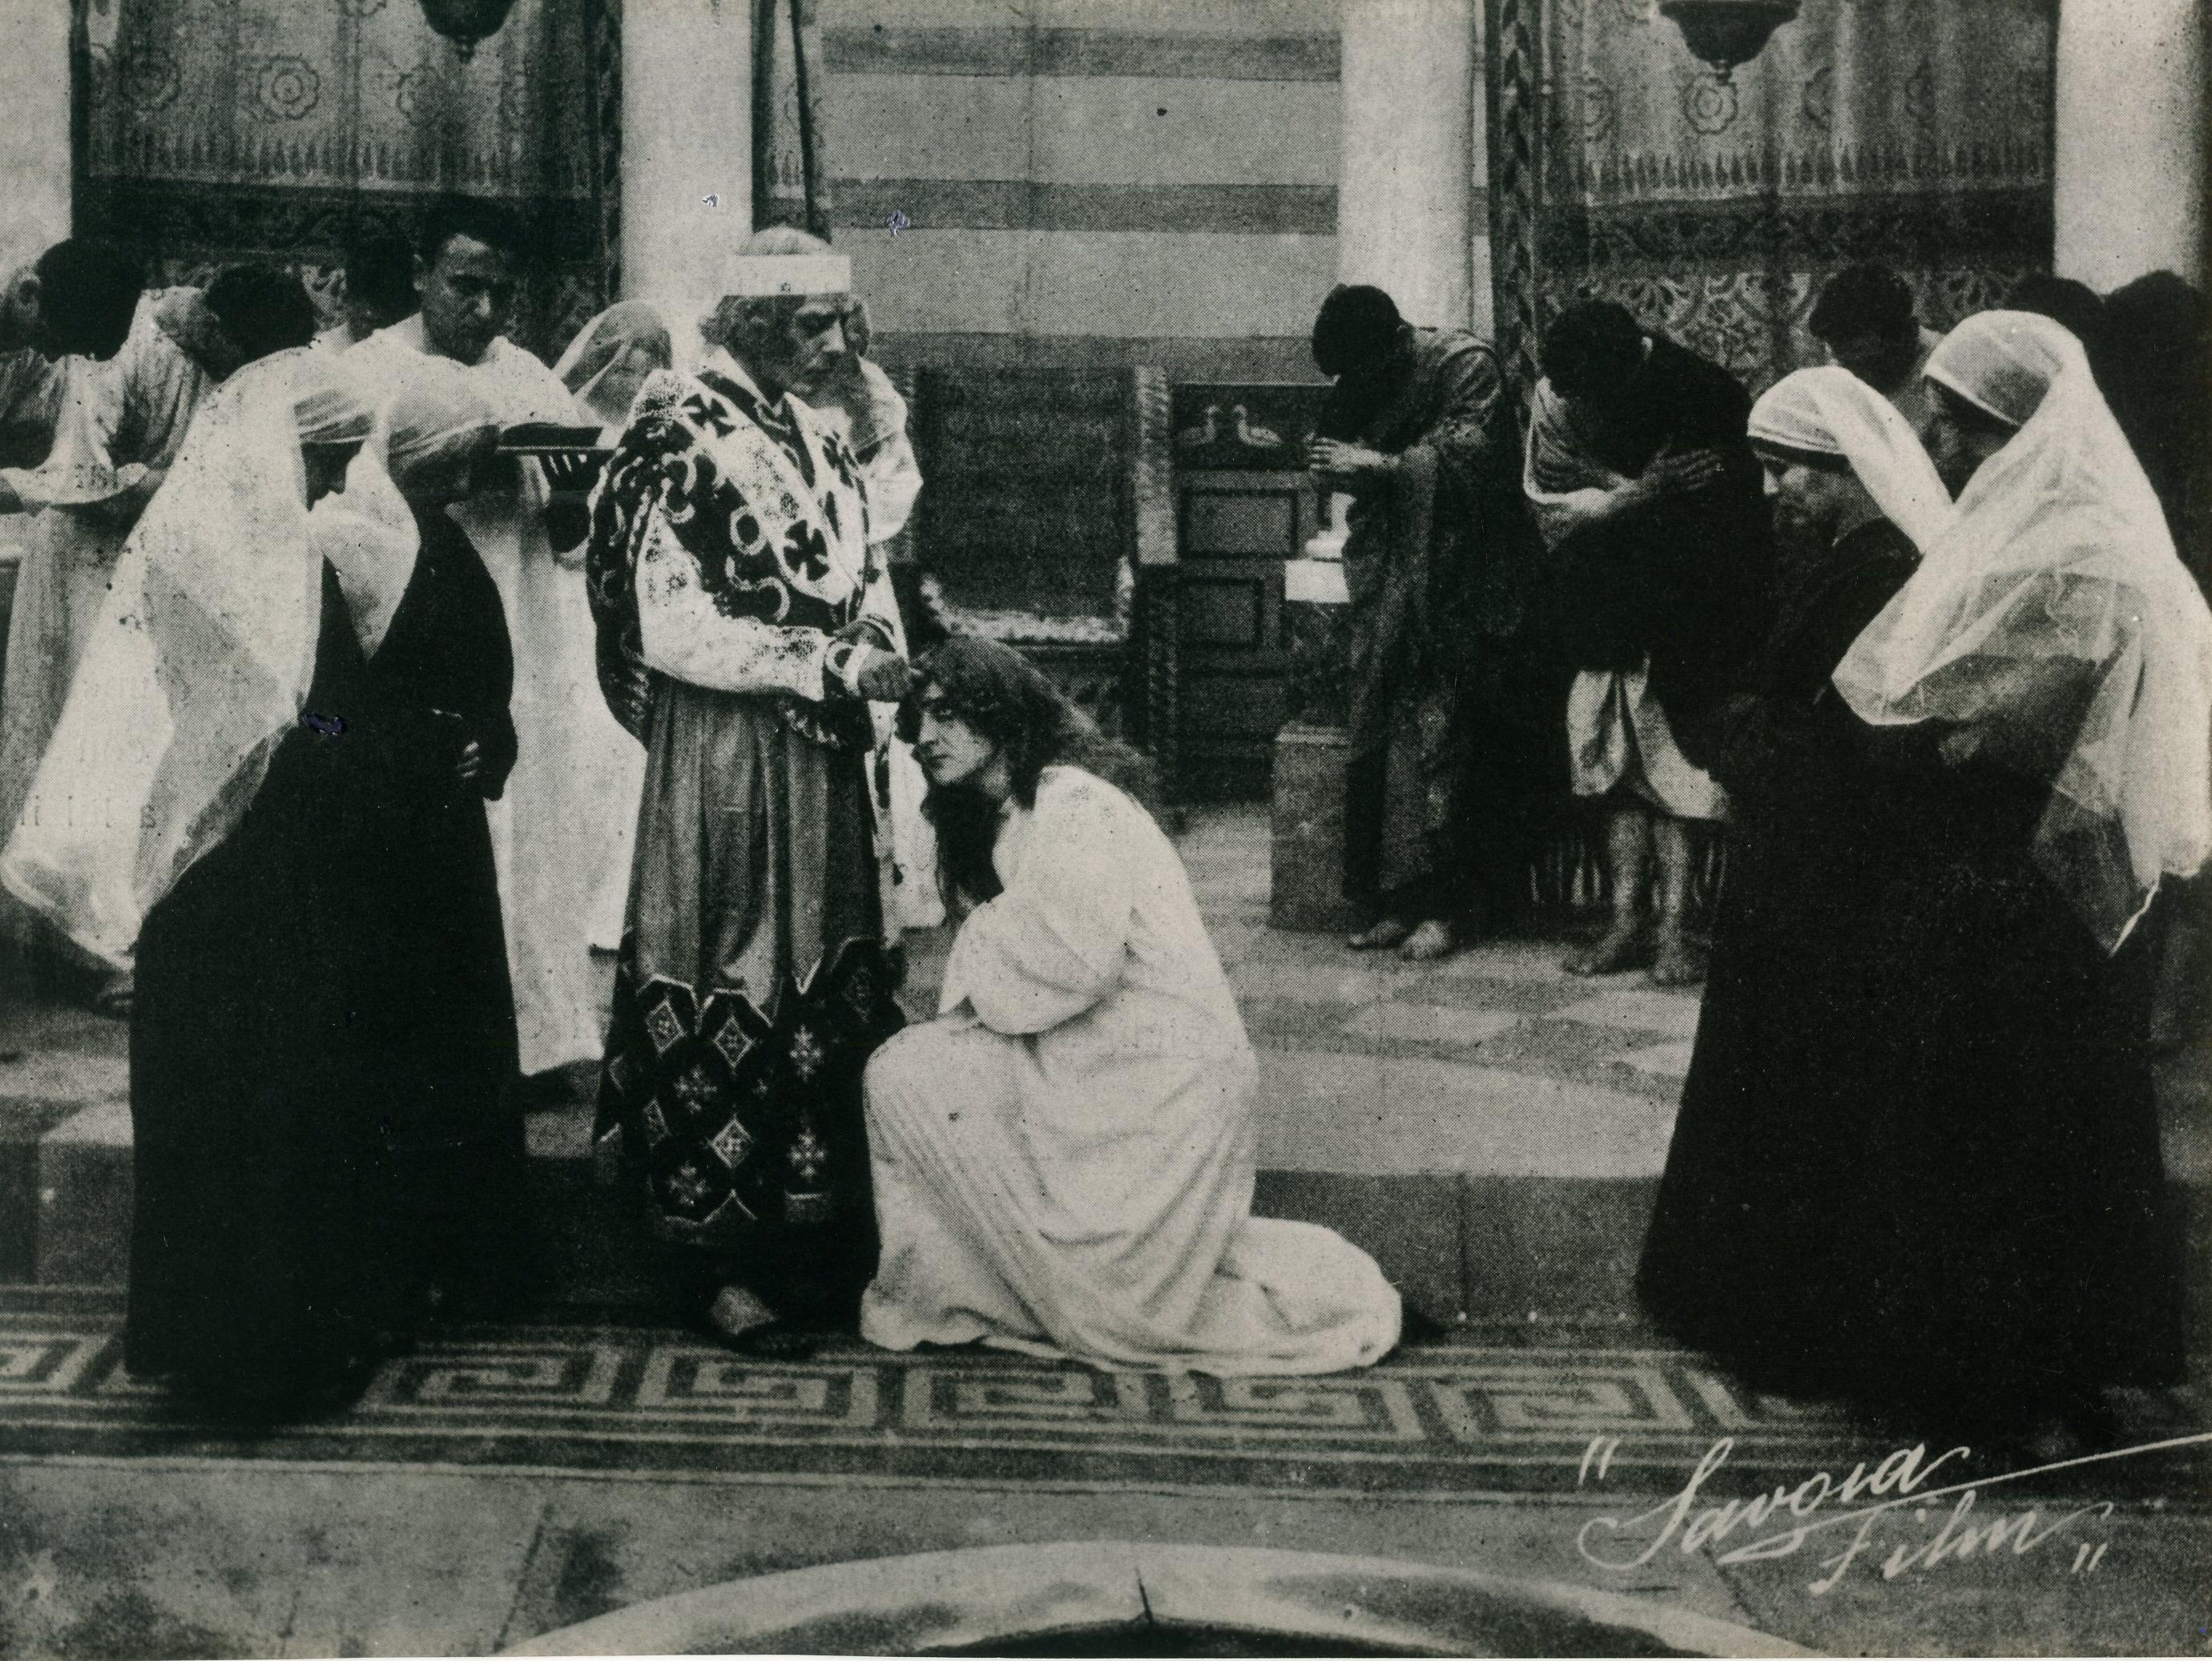 Una scena da In hoc signo vinces! di Nino Oxilia, Savoia film,1913. Collezione Fondo Turconi, Pavia